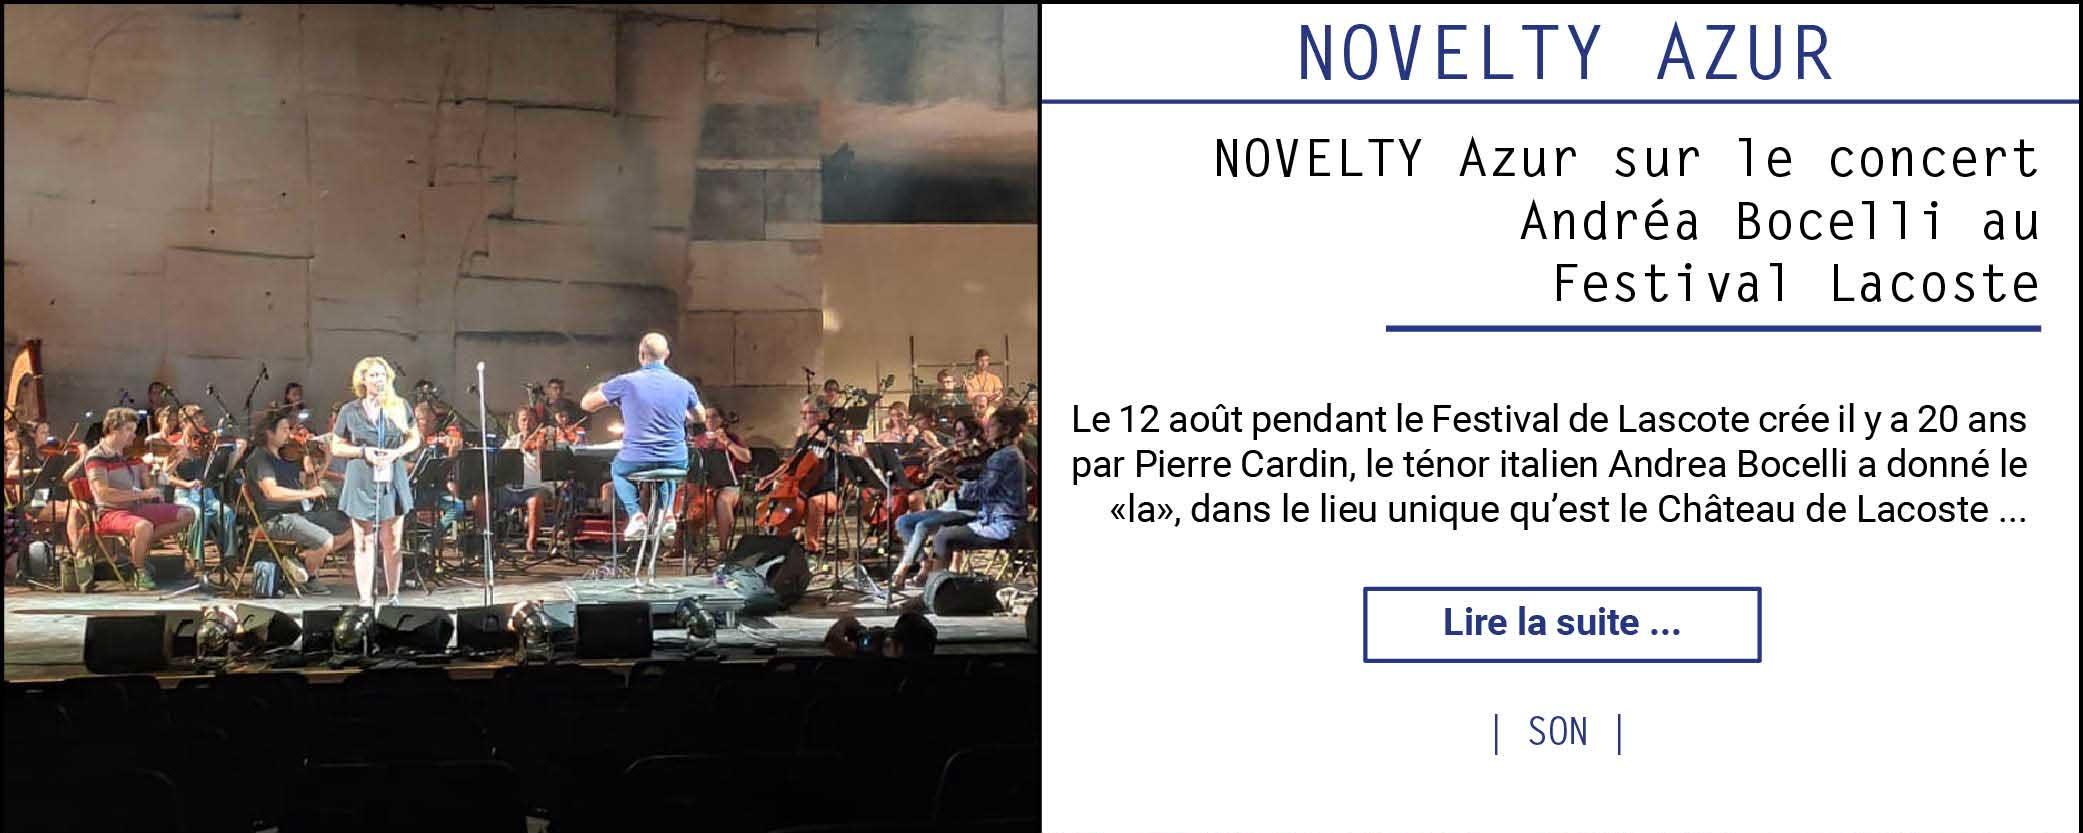 Novelty Azur sur le concert Andréa Bocelli